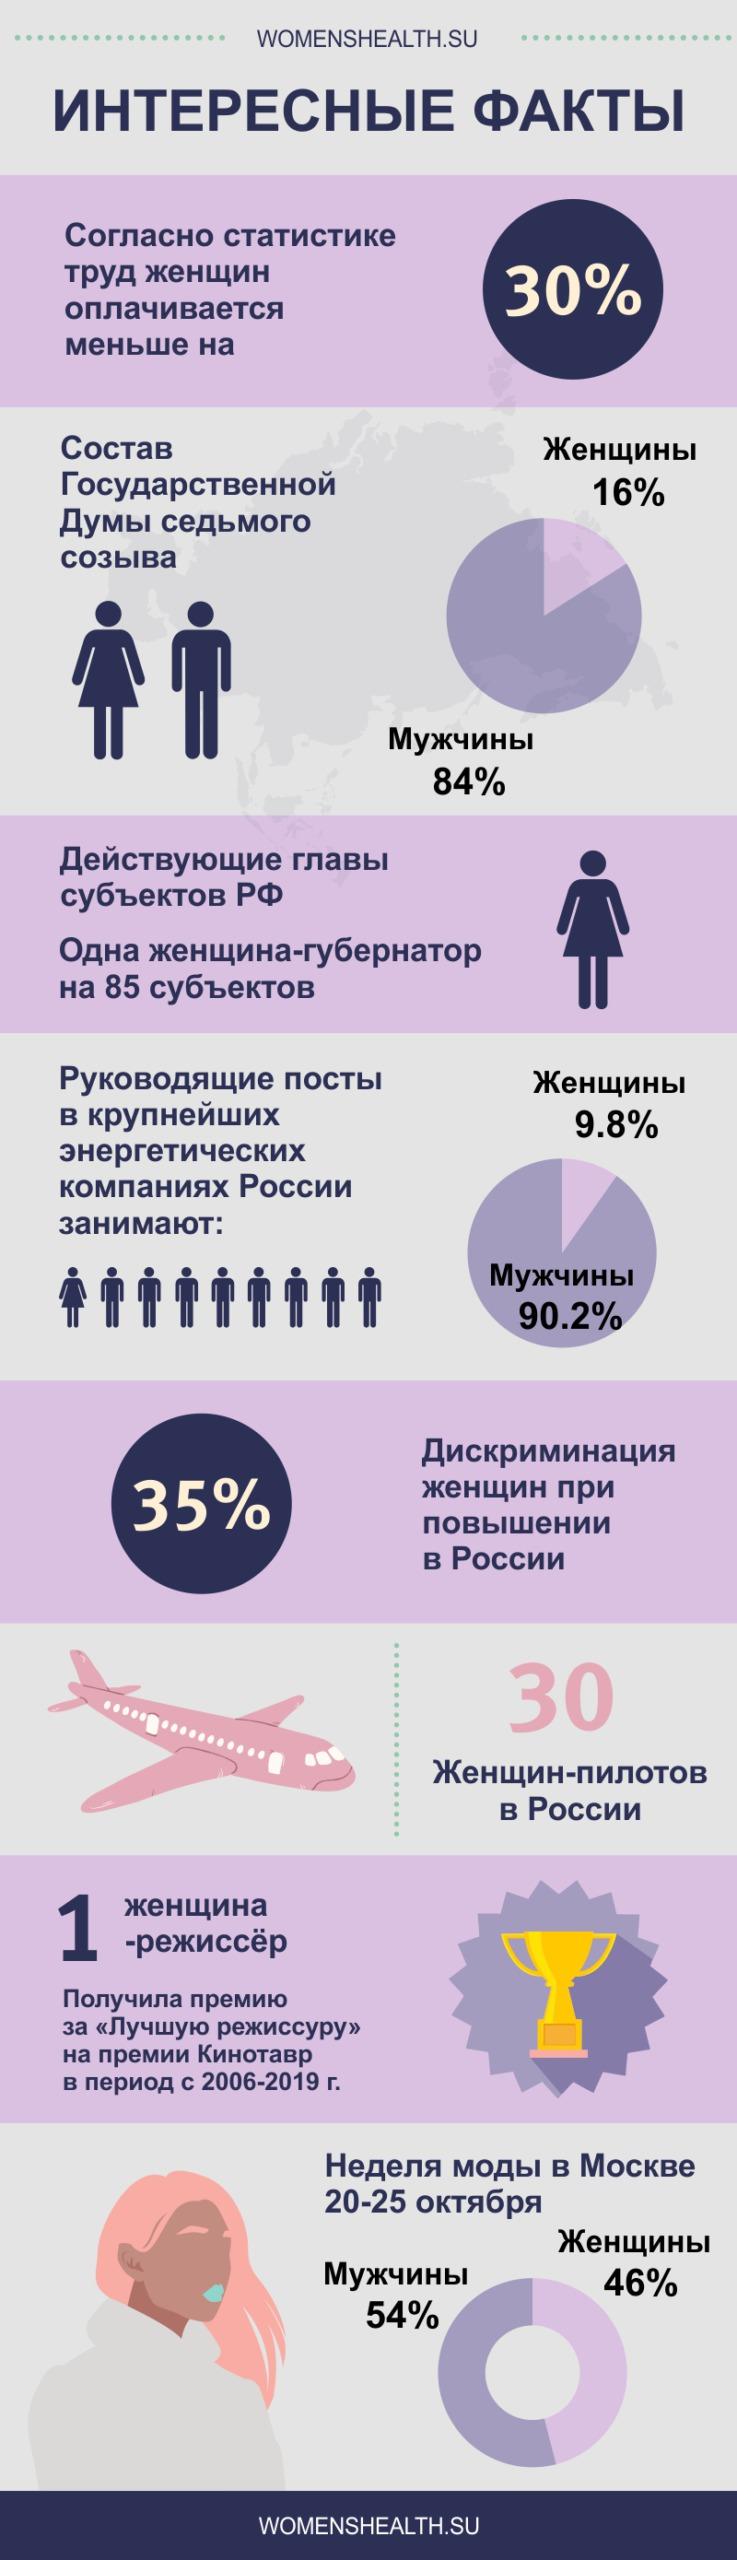 Интересные факты про феминизм в России